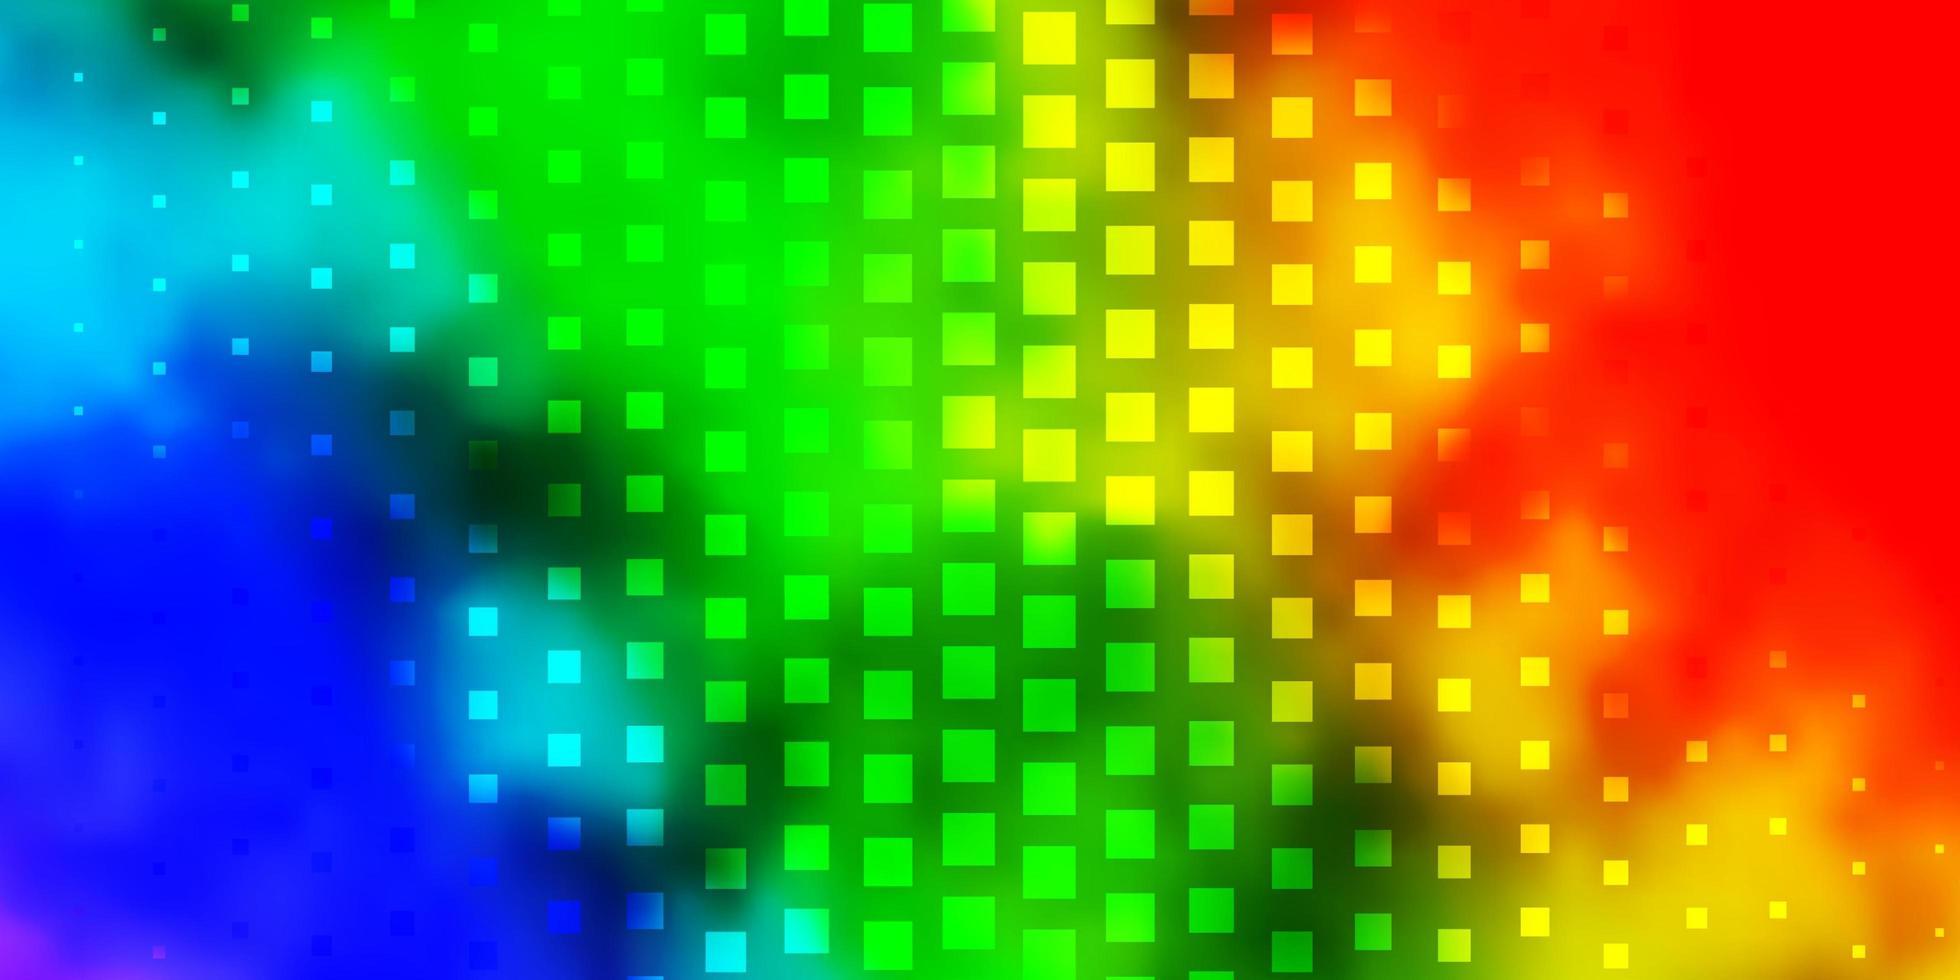 texture de vecteur multicolore clair dans un style rectangulaire.